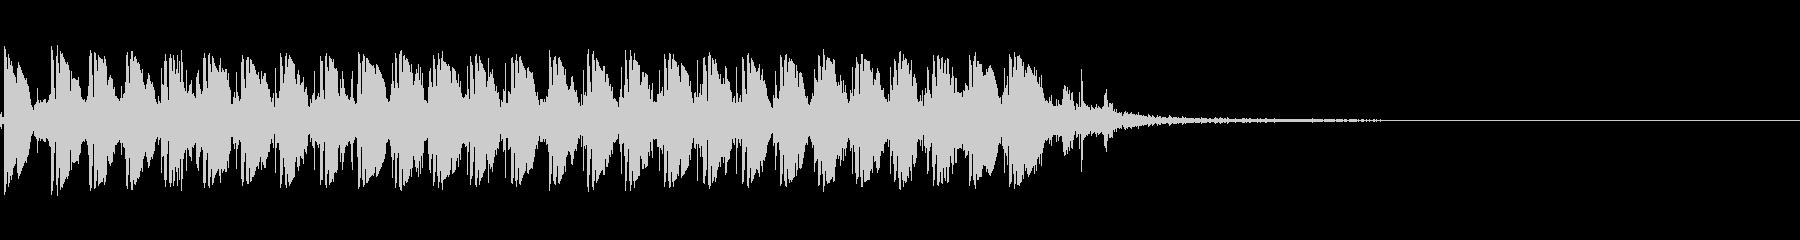 スミス&ウェッソンコルトは、一連の...の未再生の波形